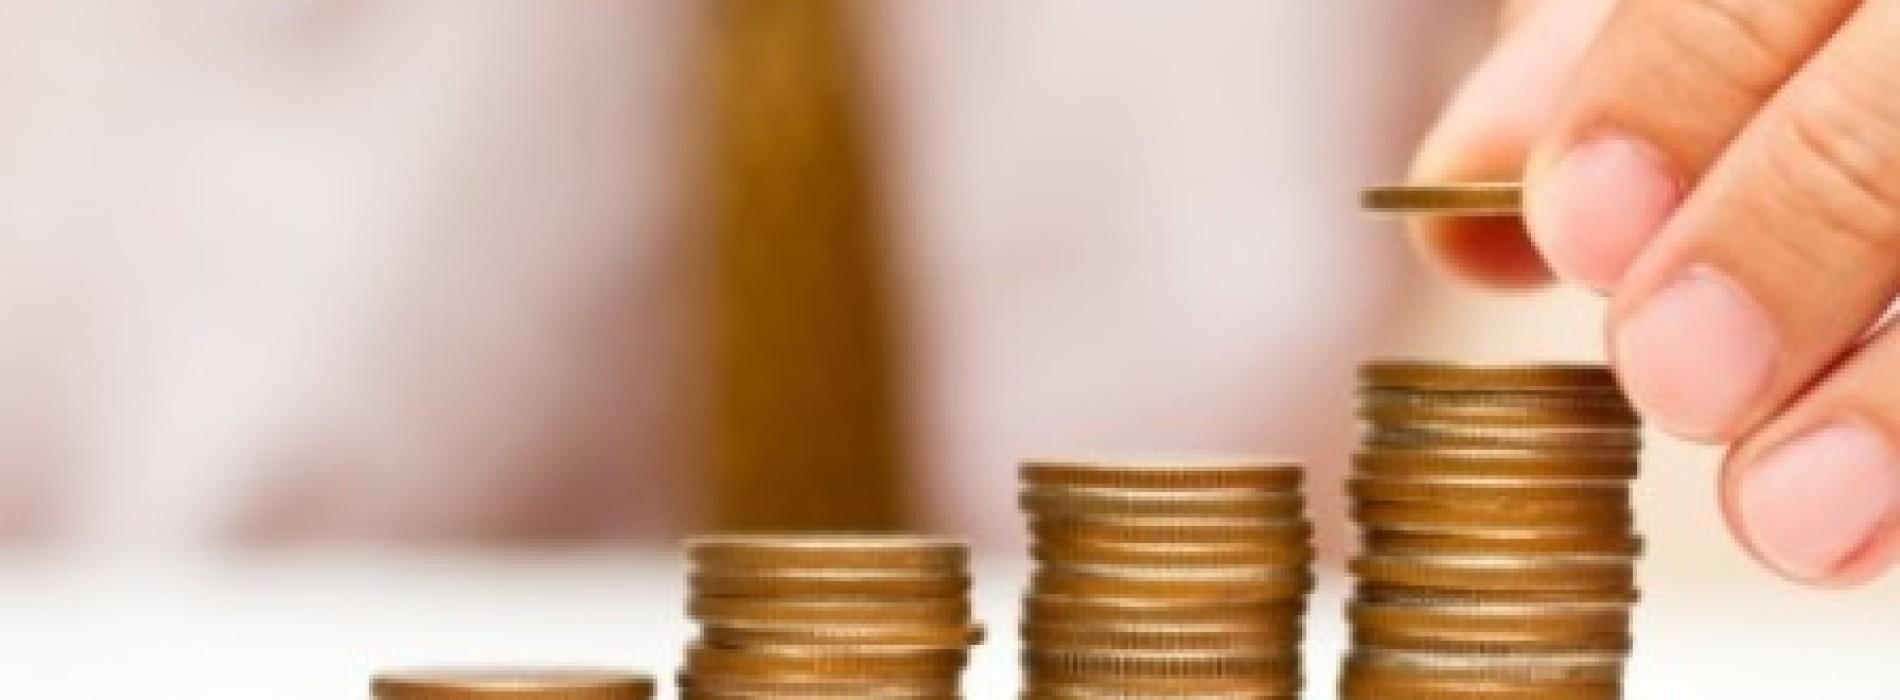 Lokaty bankowe będą przynosić jeszcze niższe odsetki?